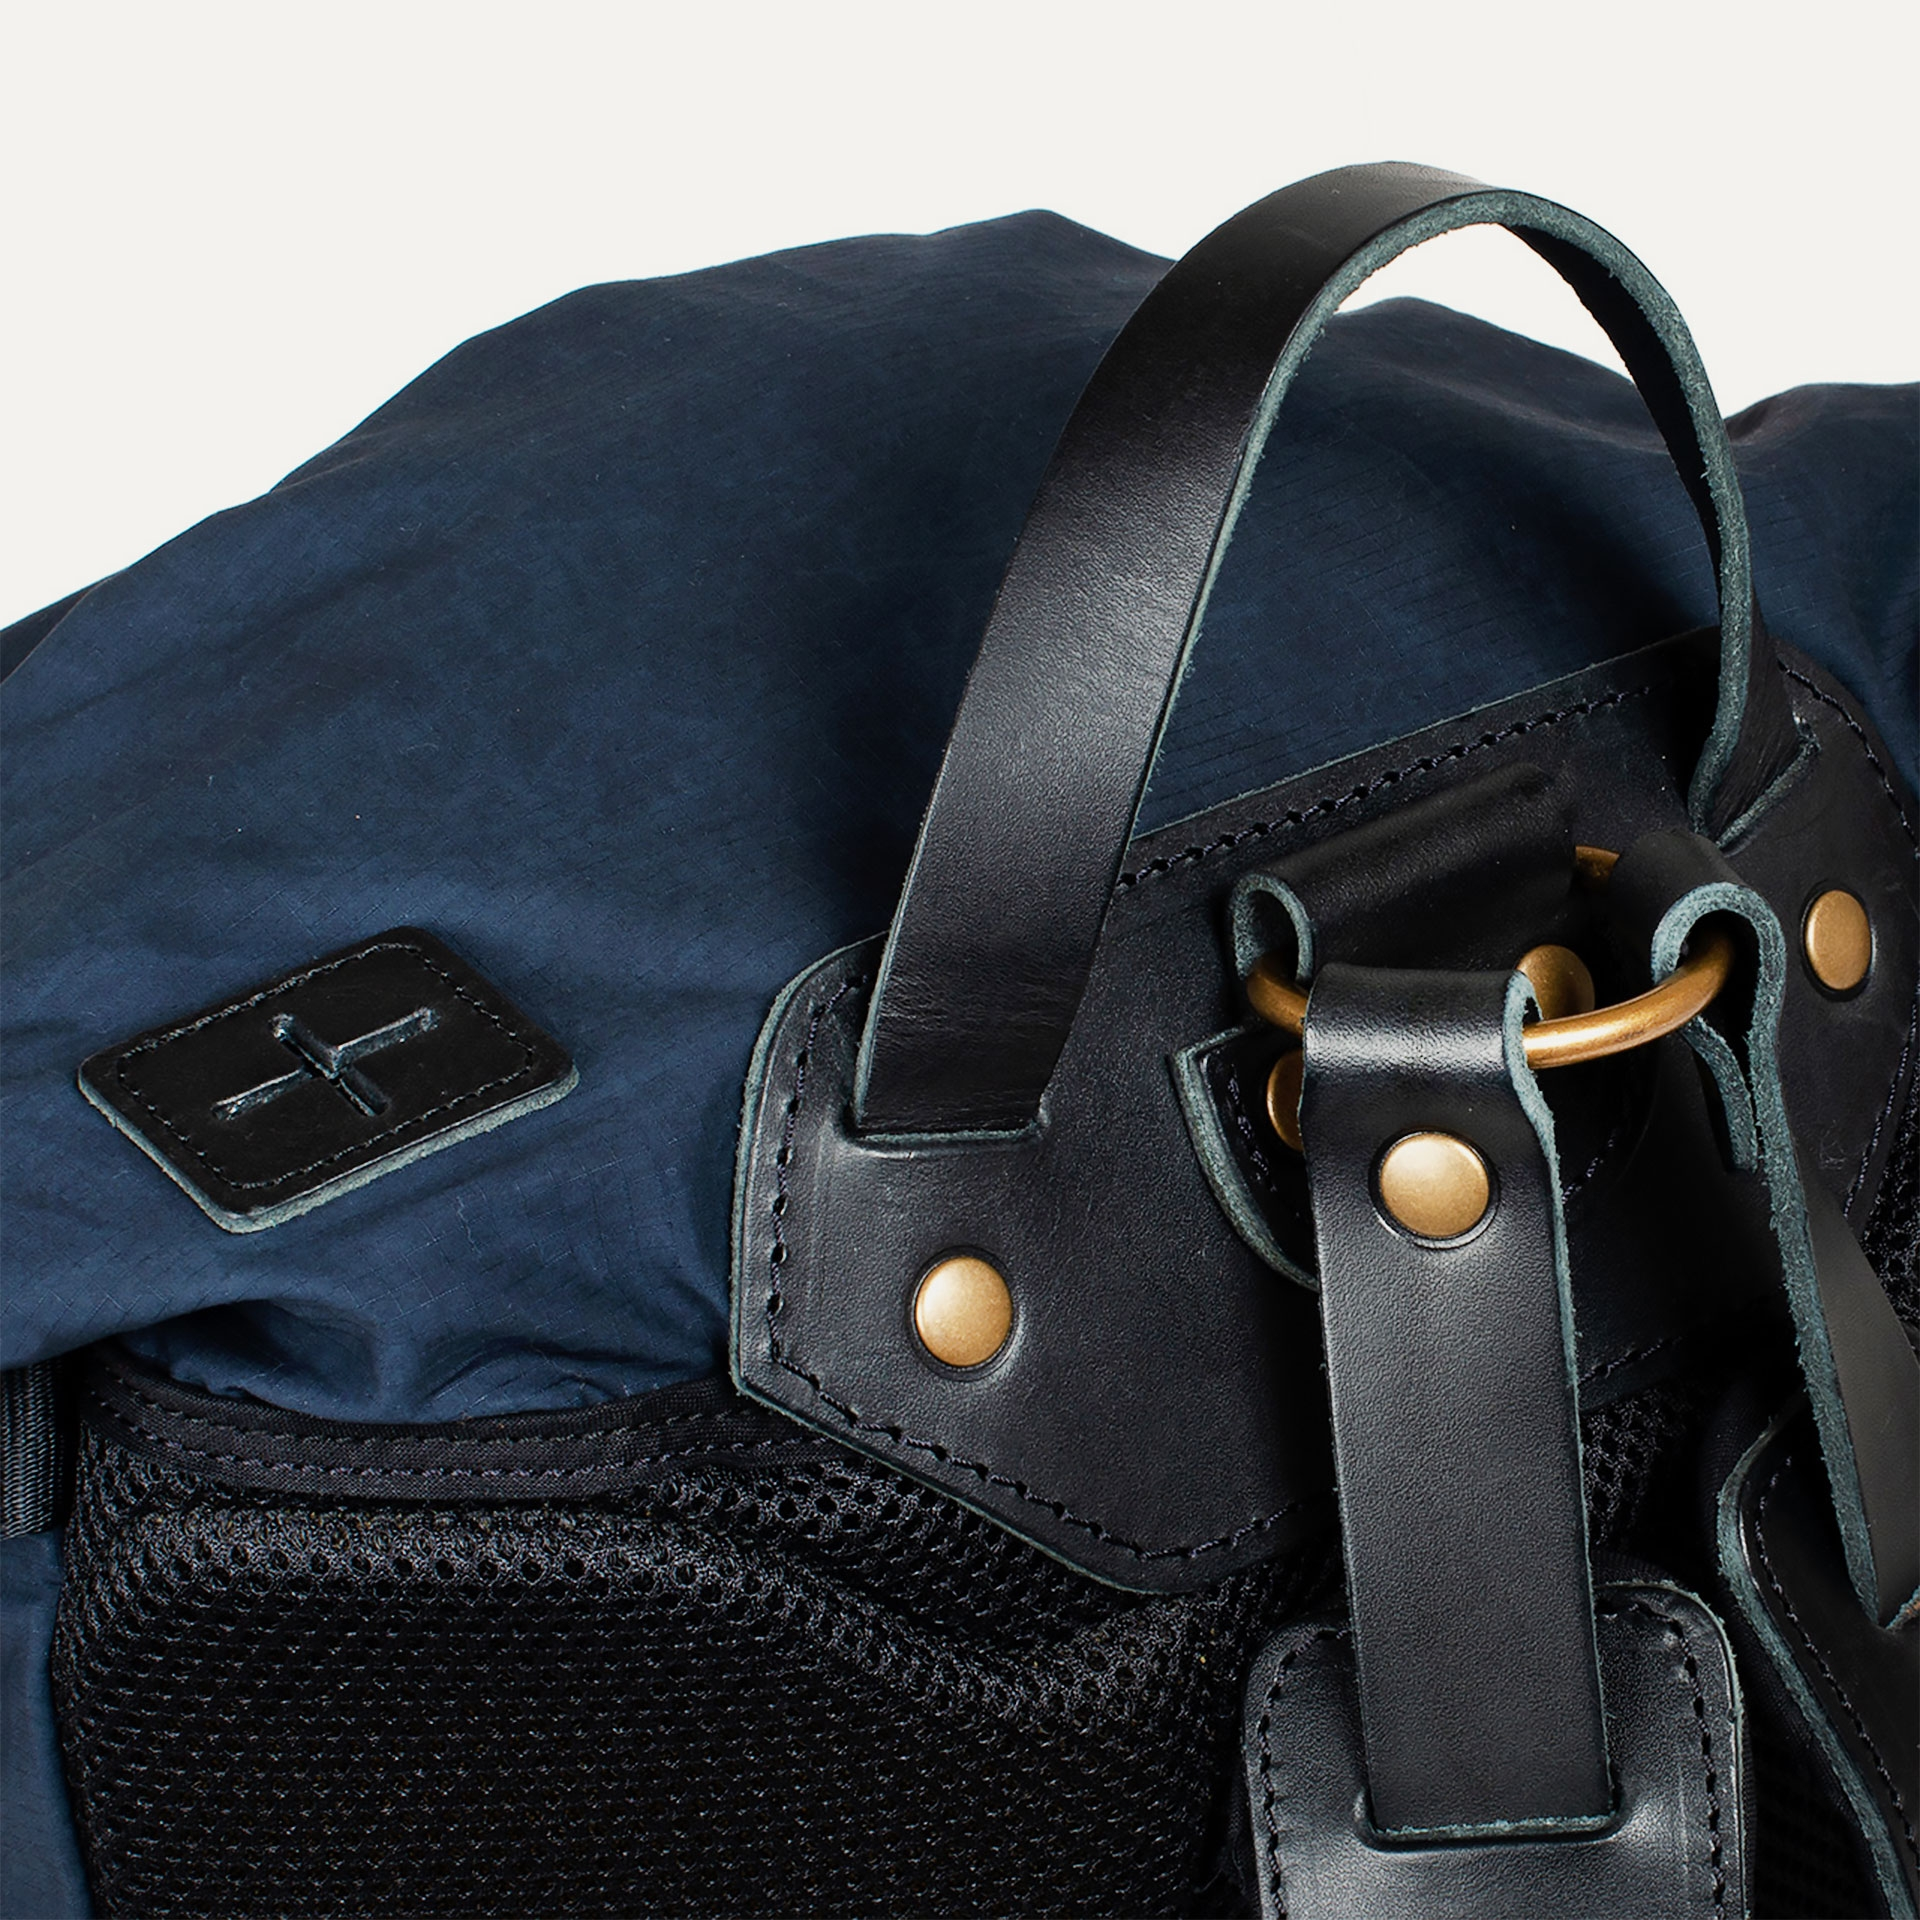 20L Basile Backpack - Hague Blue (image n°4)